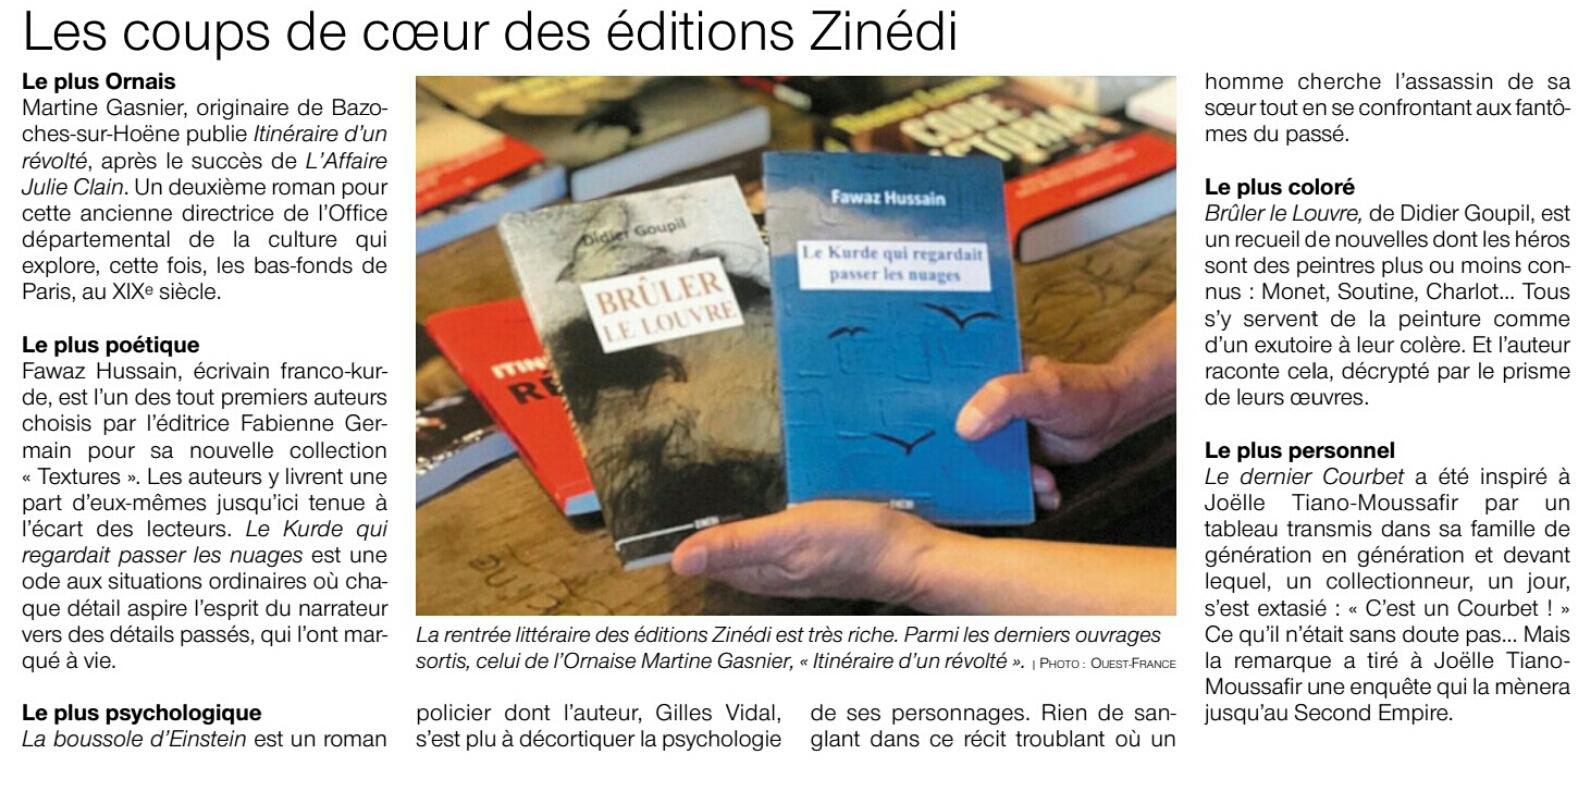 Ouest-France - Rentrée littéraire des éditions Zinédi